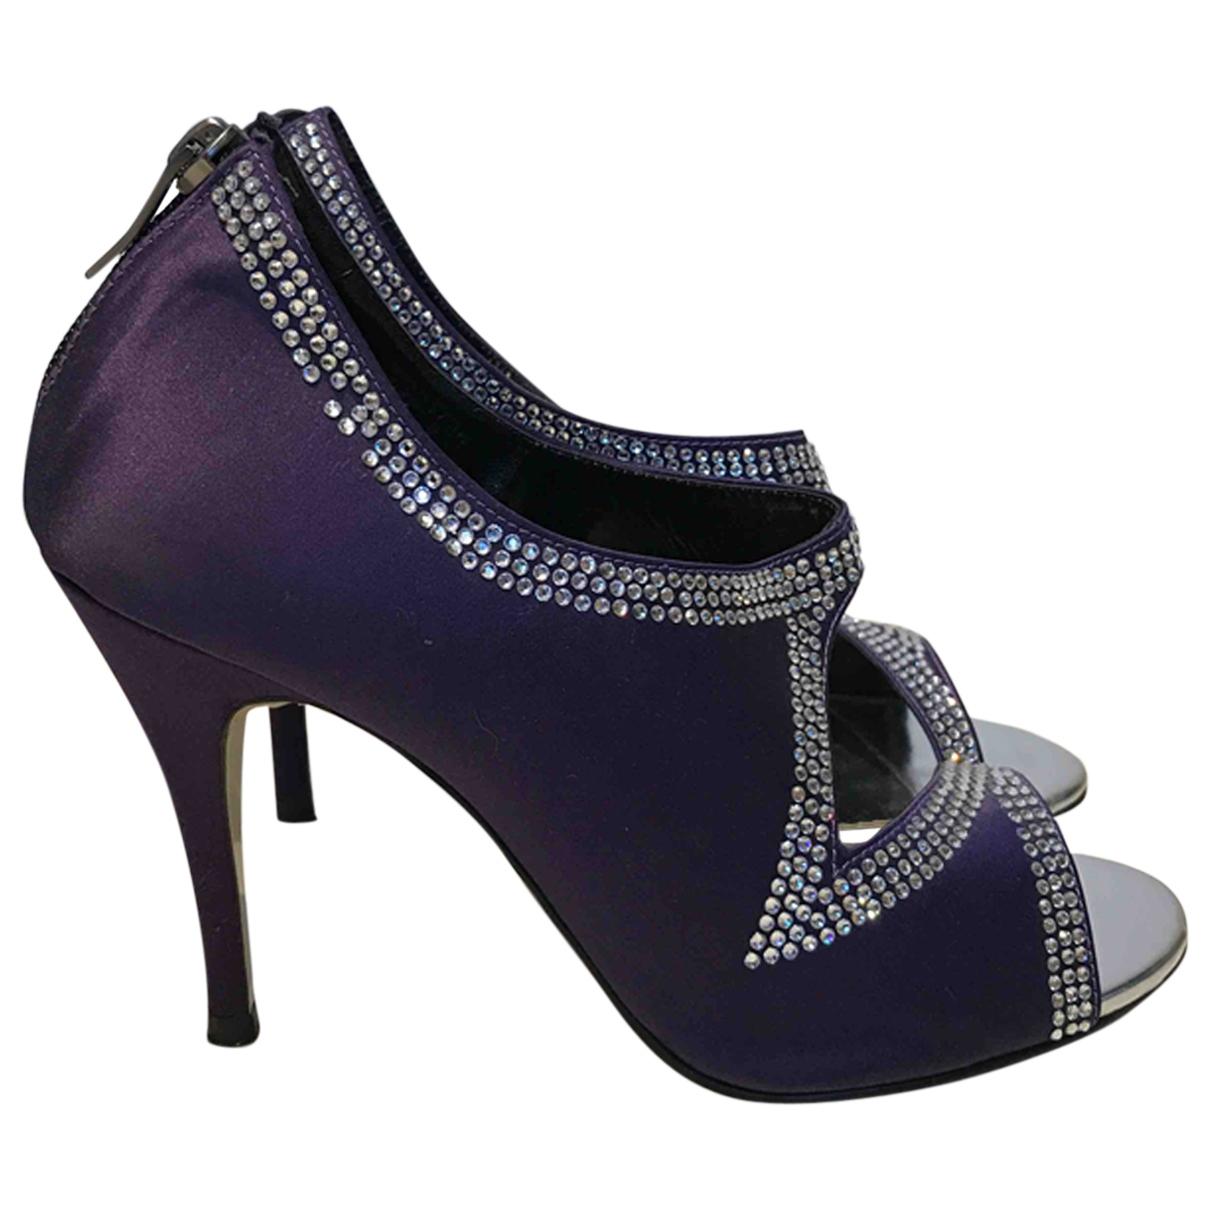 Suecomma Bonnie - Escarpins   pour femme en a paillettes - violet